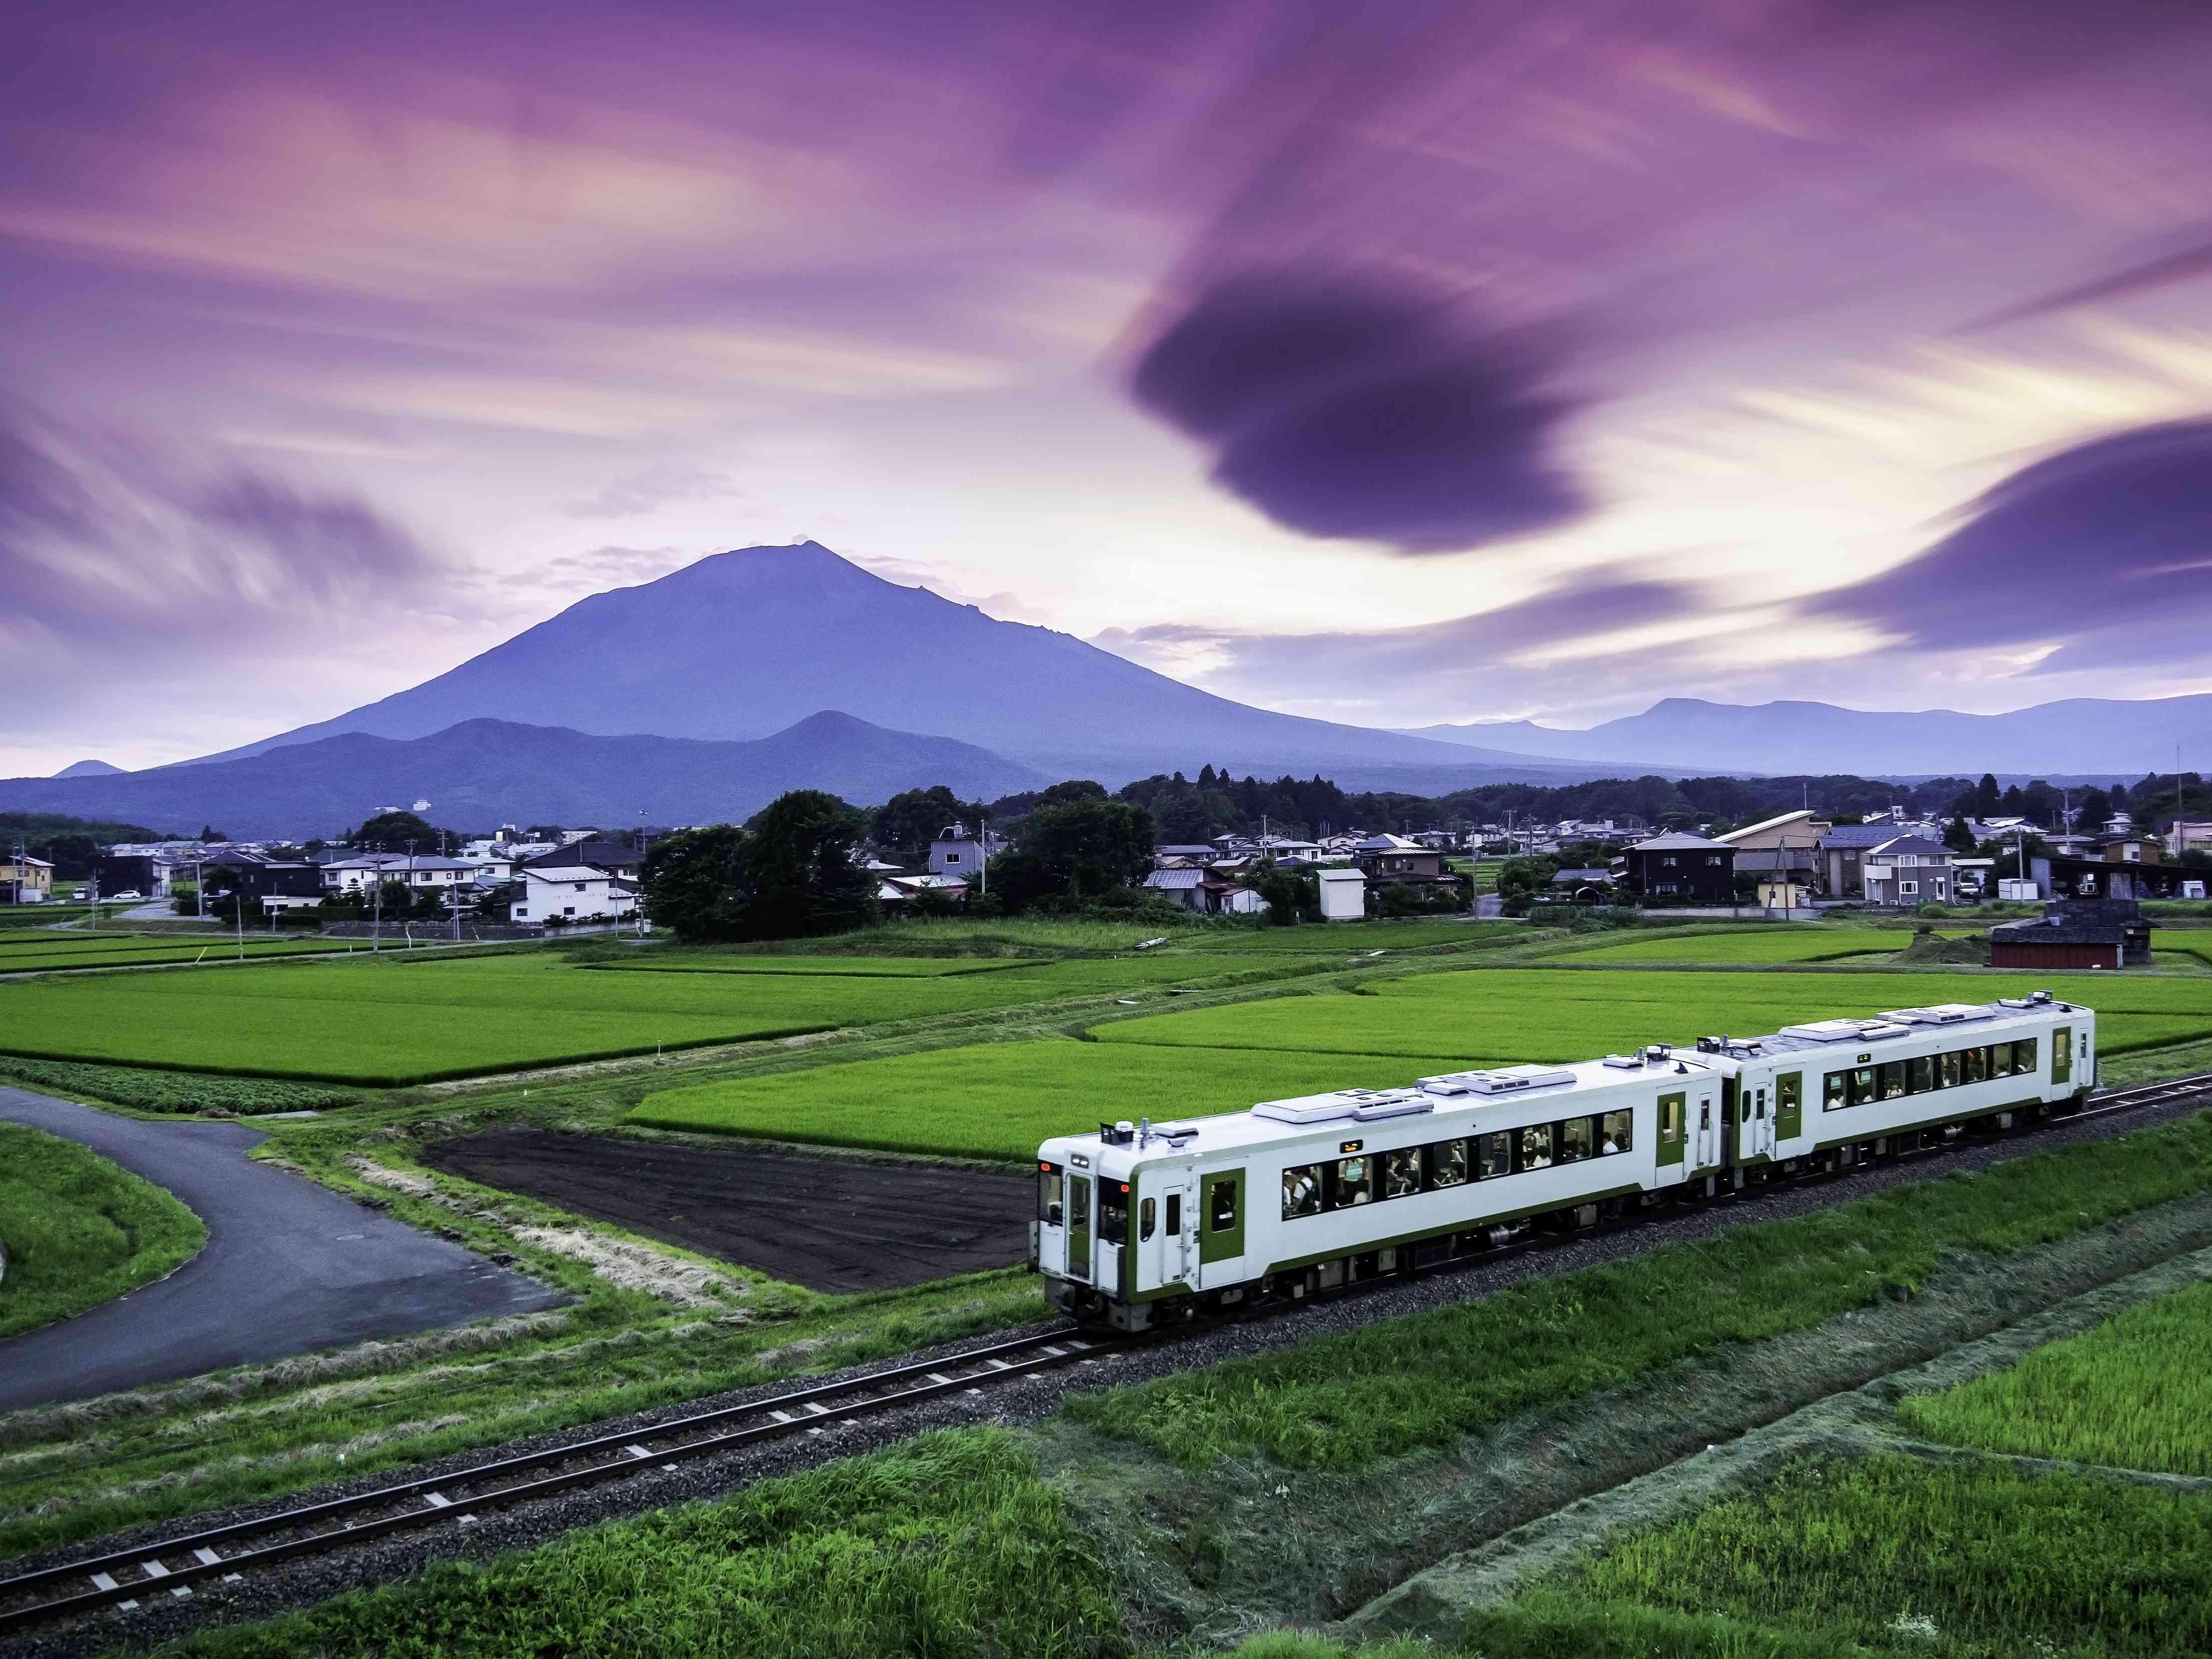 Hanawa line local train